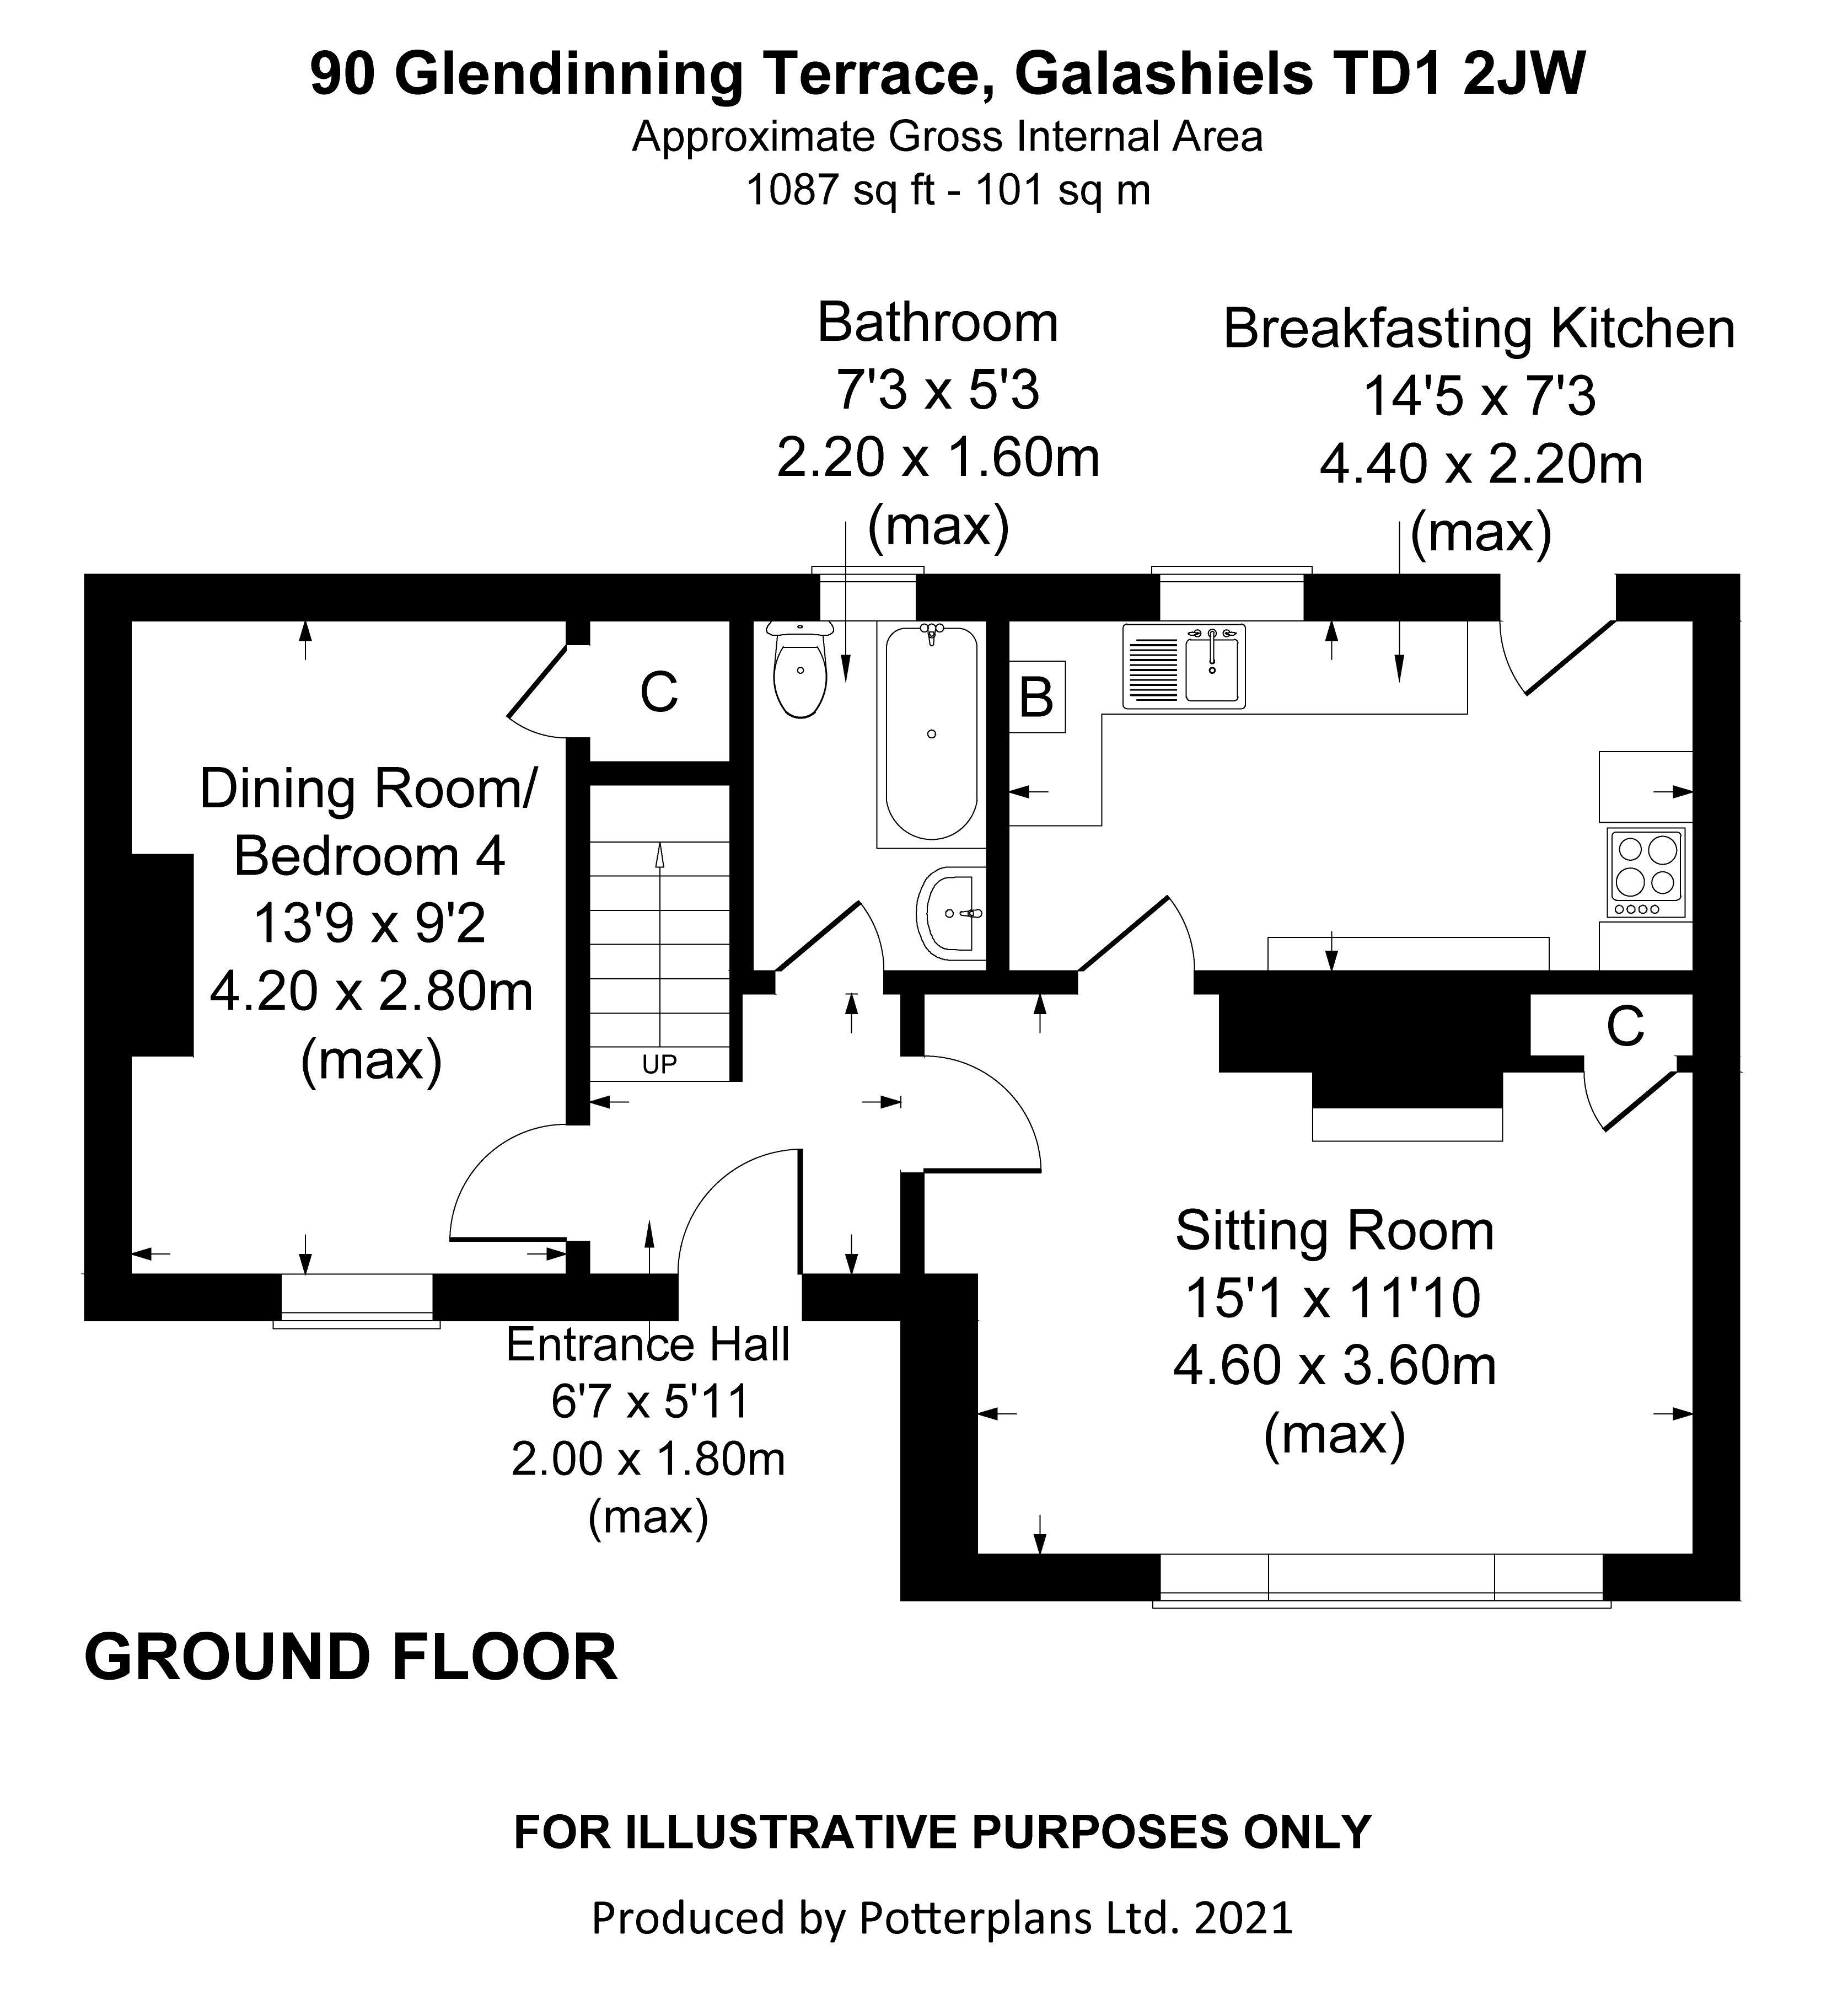 90 Glendinning Terrace Ground Floor